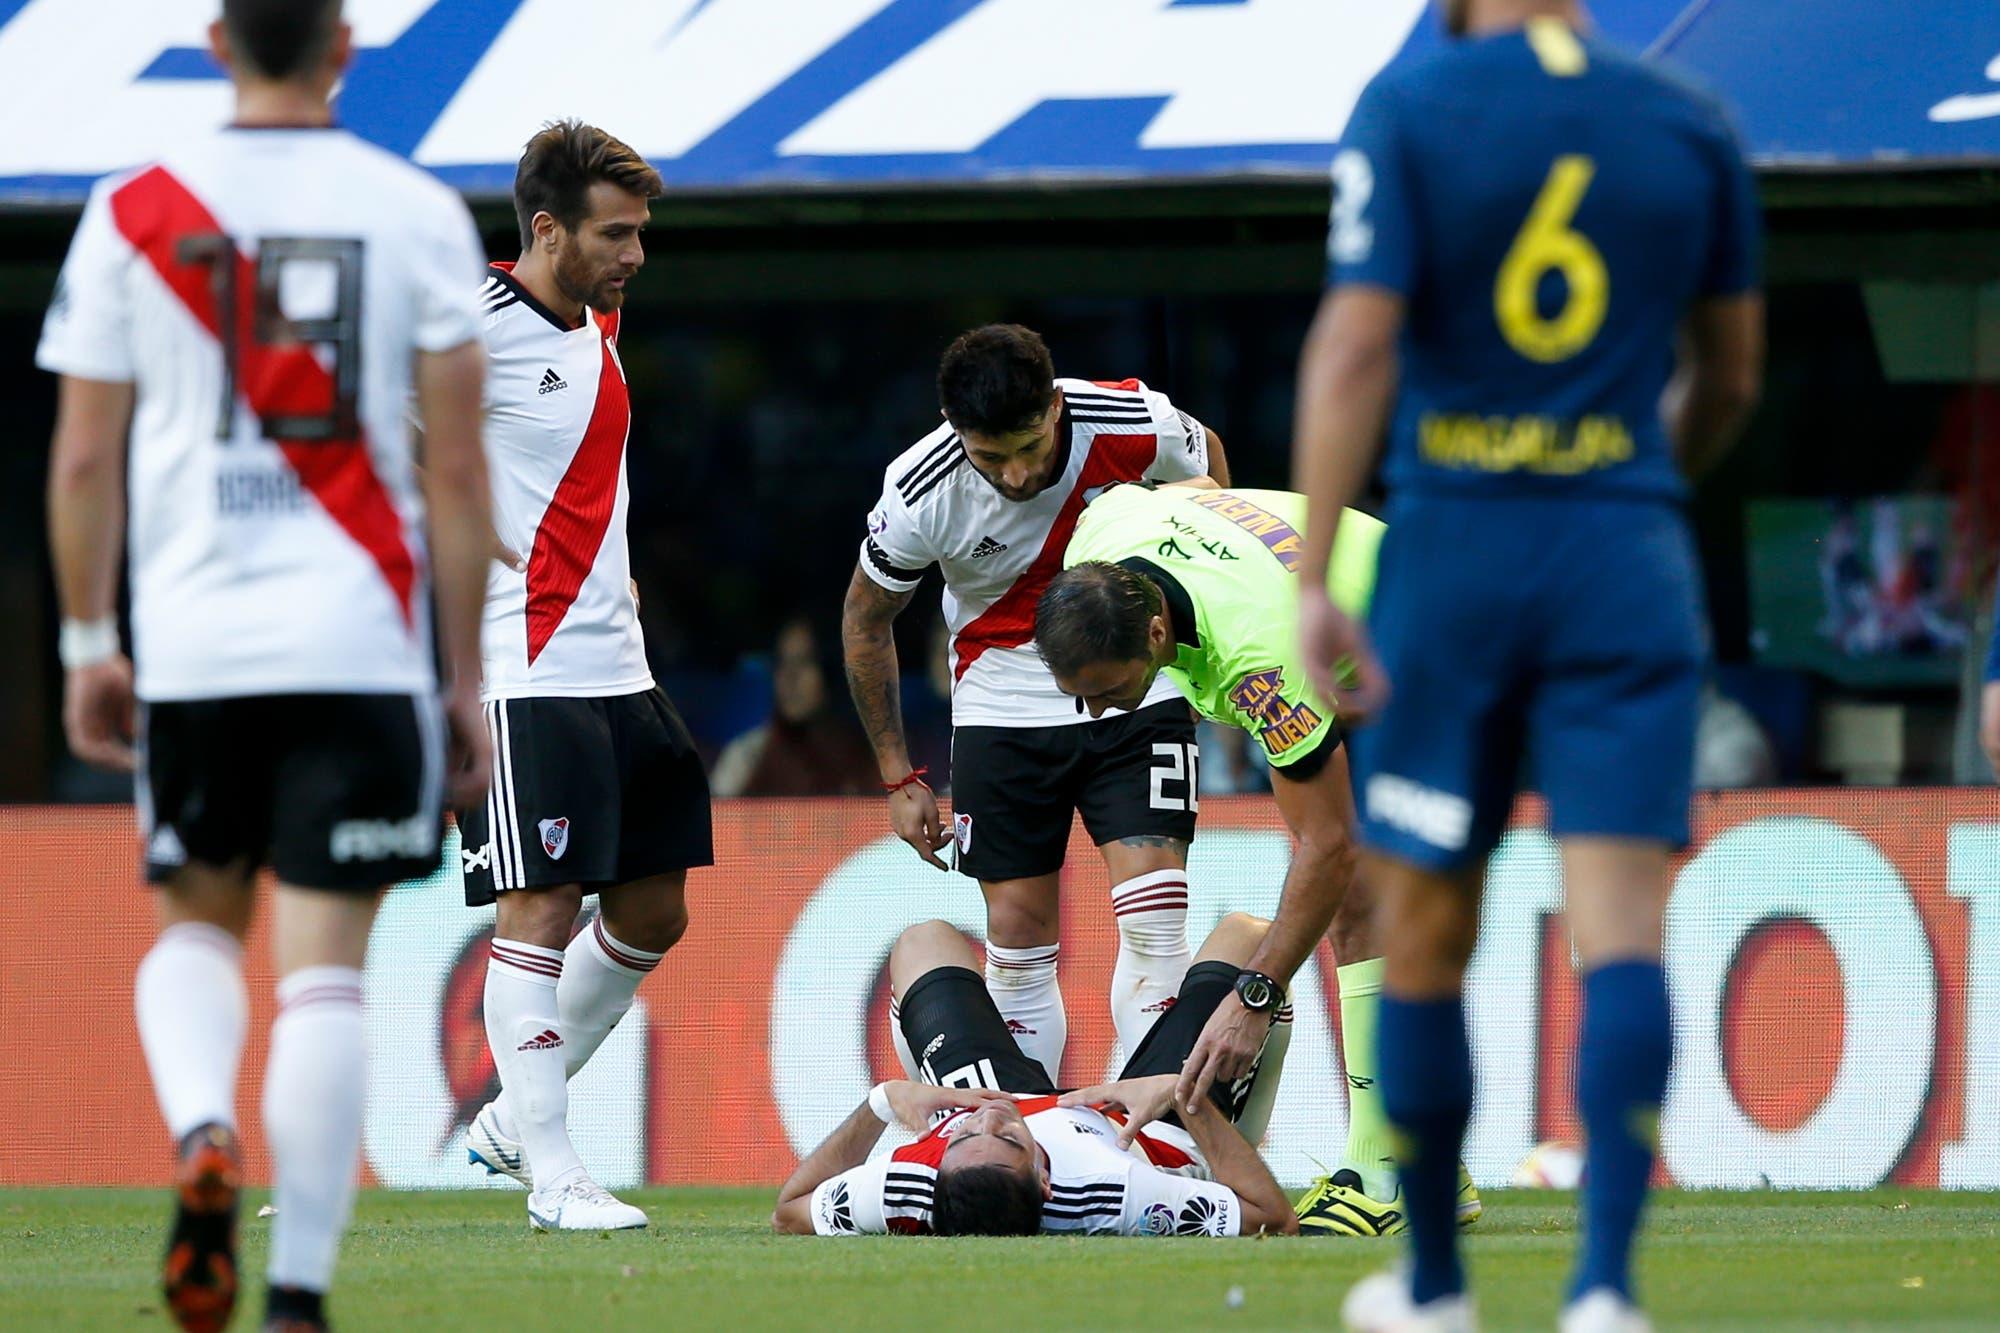 River sufre por Pity Martínez, que se pierde la revancha con Independiente: las variantes de Gallardo